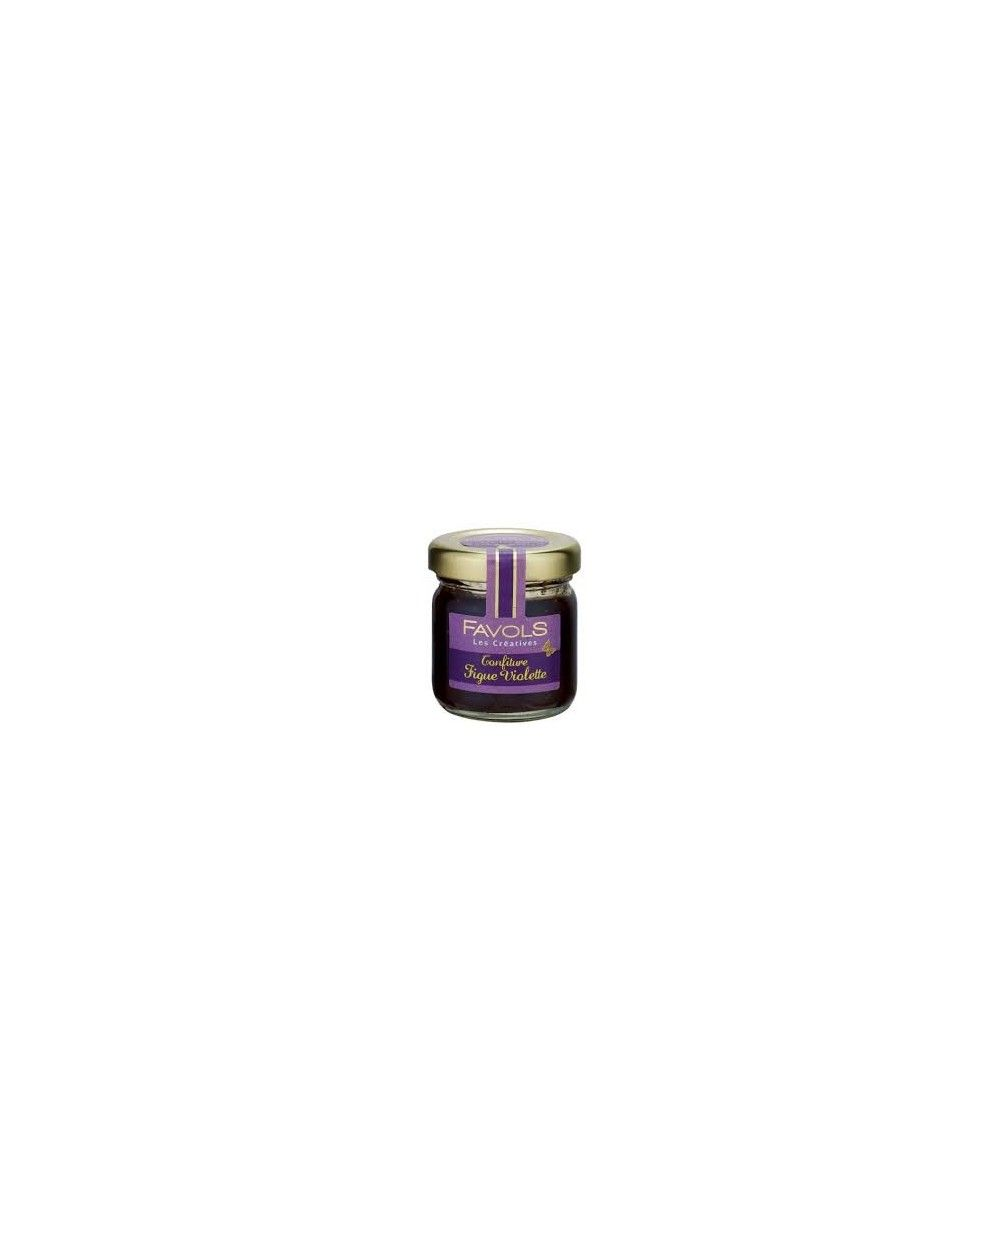 Confiture Figue Violette 42g